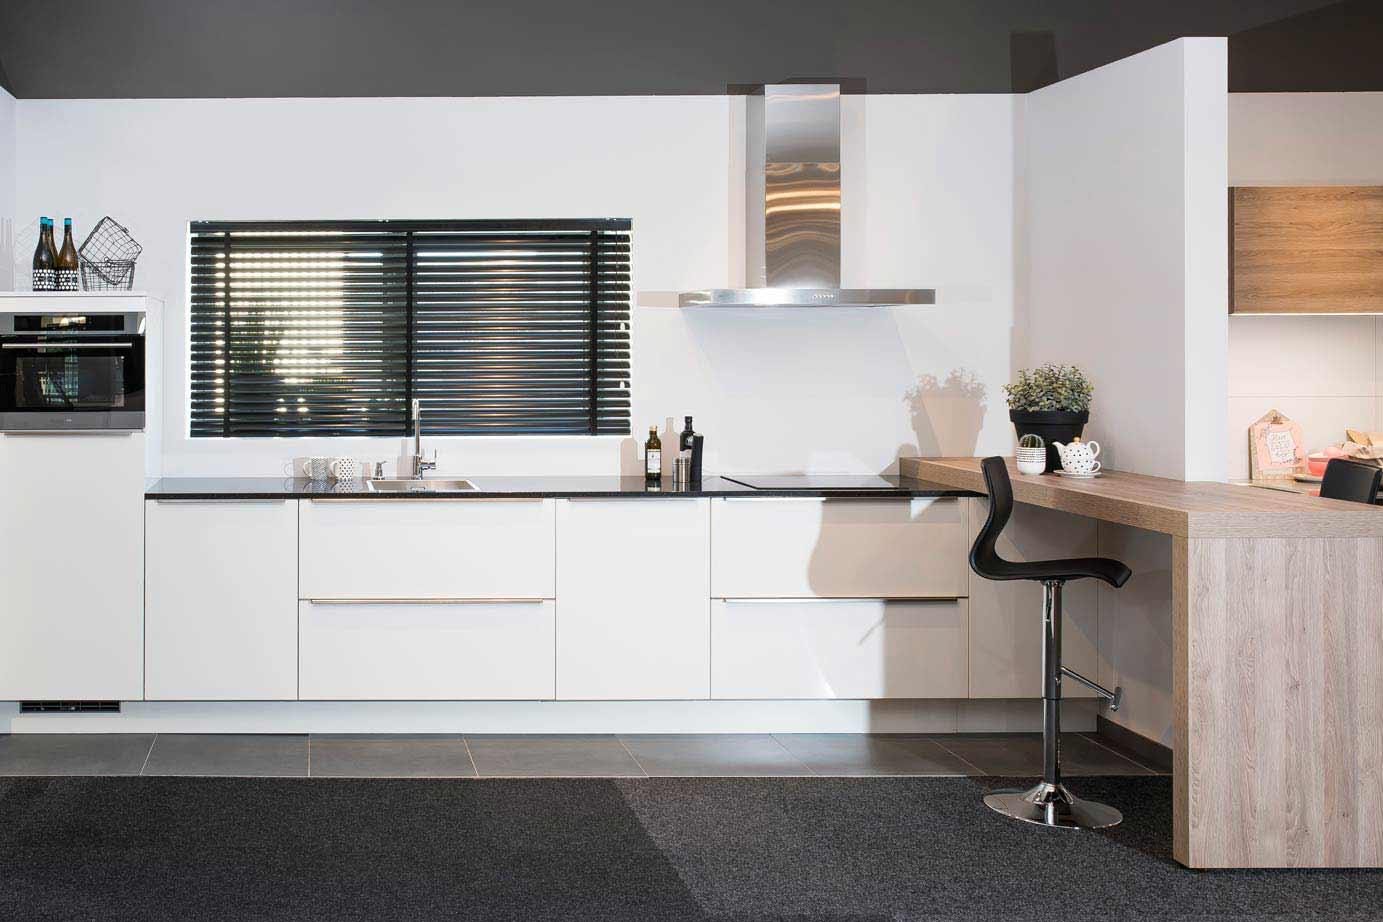 Rechte witte keuken met moderne uitstraling gezellig met eetbar